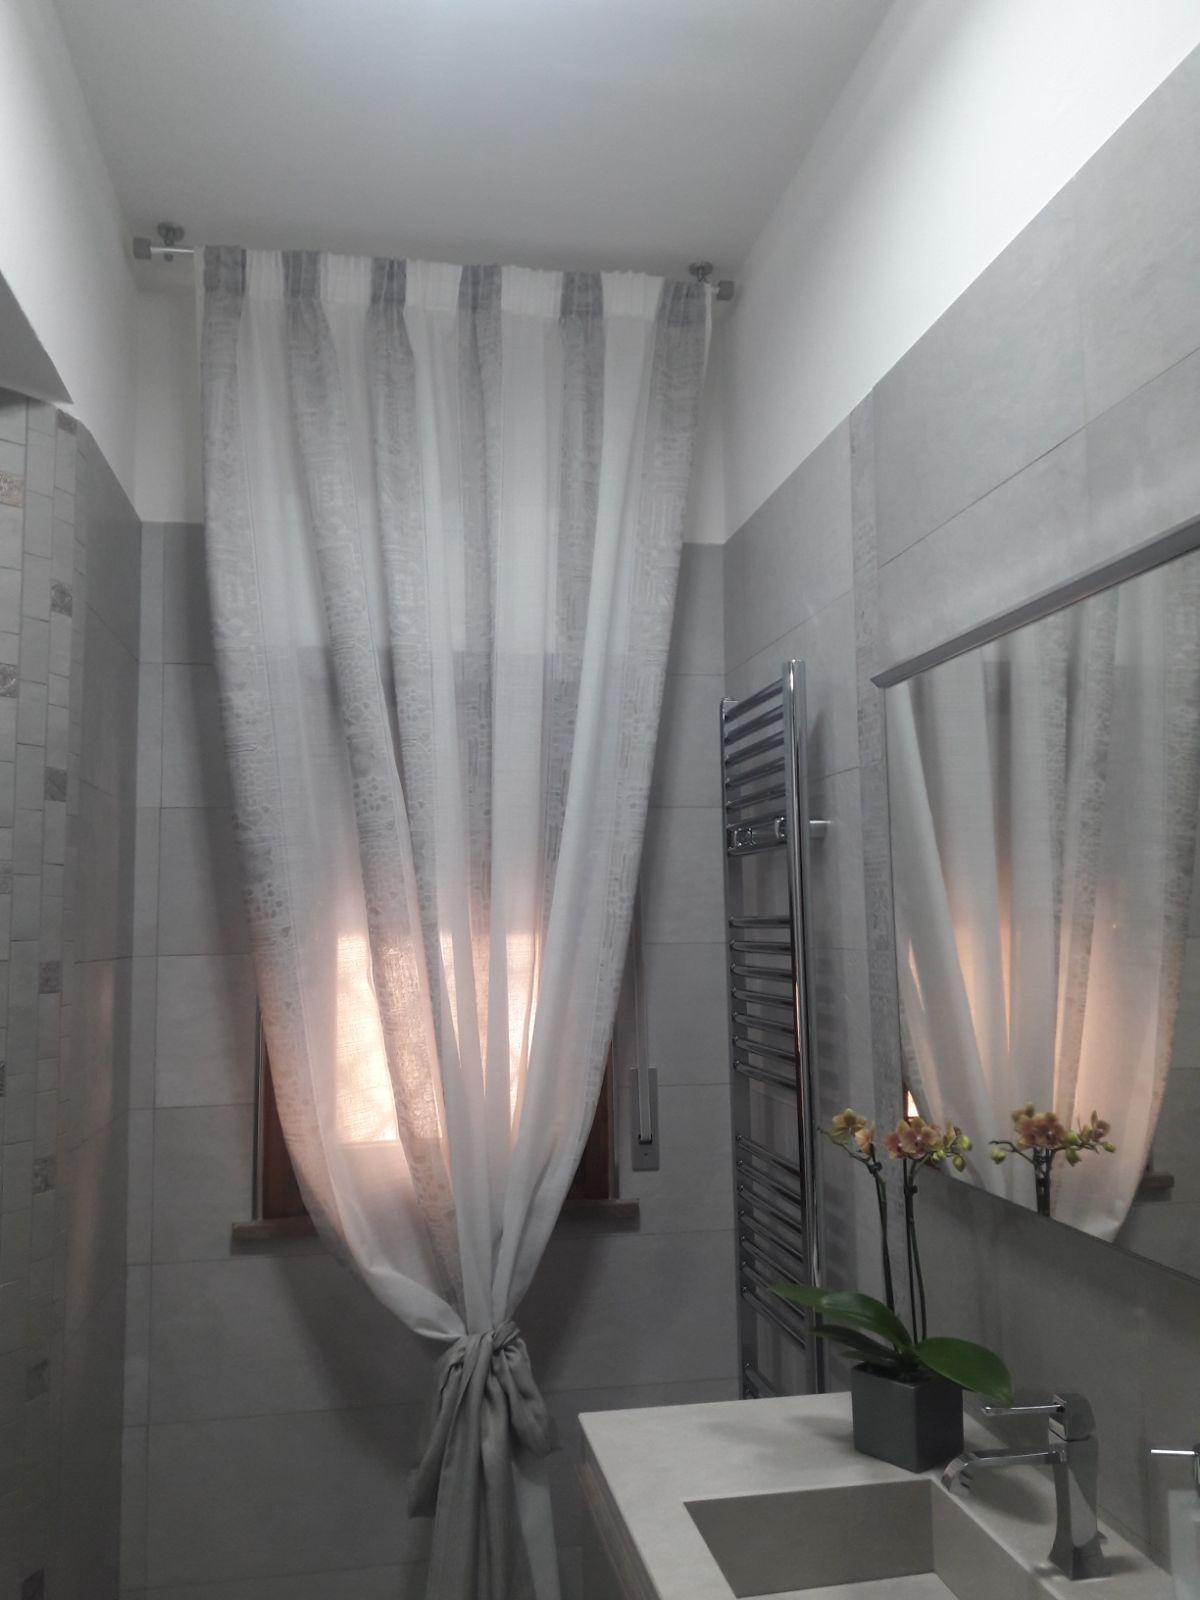 Tenda classica su bastone per finestra del bagno tende da interni serramenti ed avvolgibili for Tenda bagno finestra